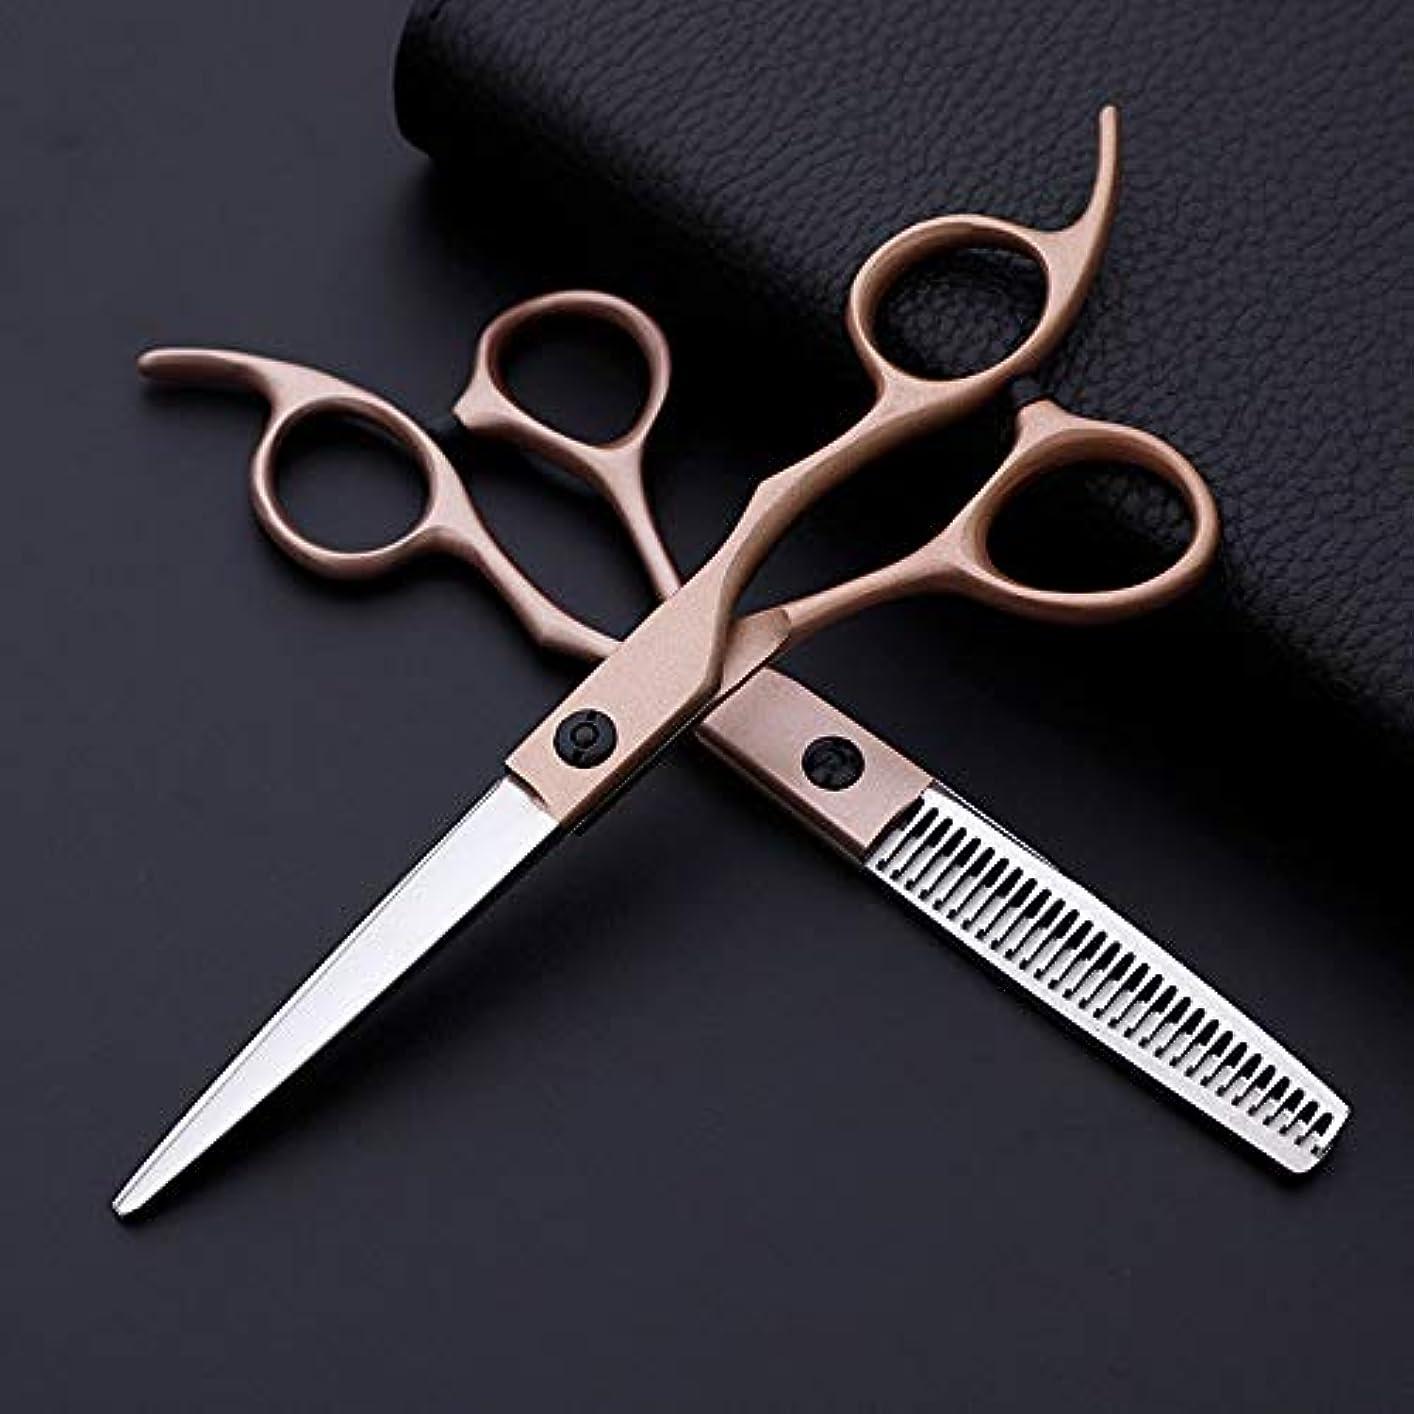 美的無意味取り扱いWASAIO 髪のスリップのはさみプロフェッショナルステンレス理容はさみセット美容理髪クラシック斜めハンドルのレベル+歯6インチ (色 : Rose gold)